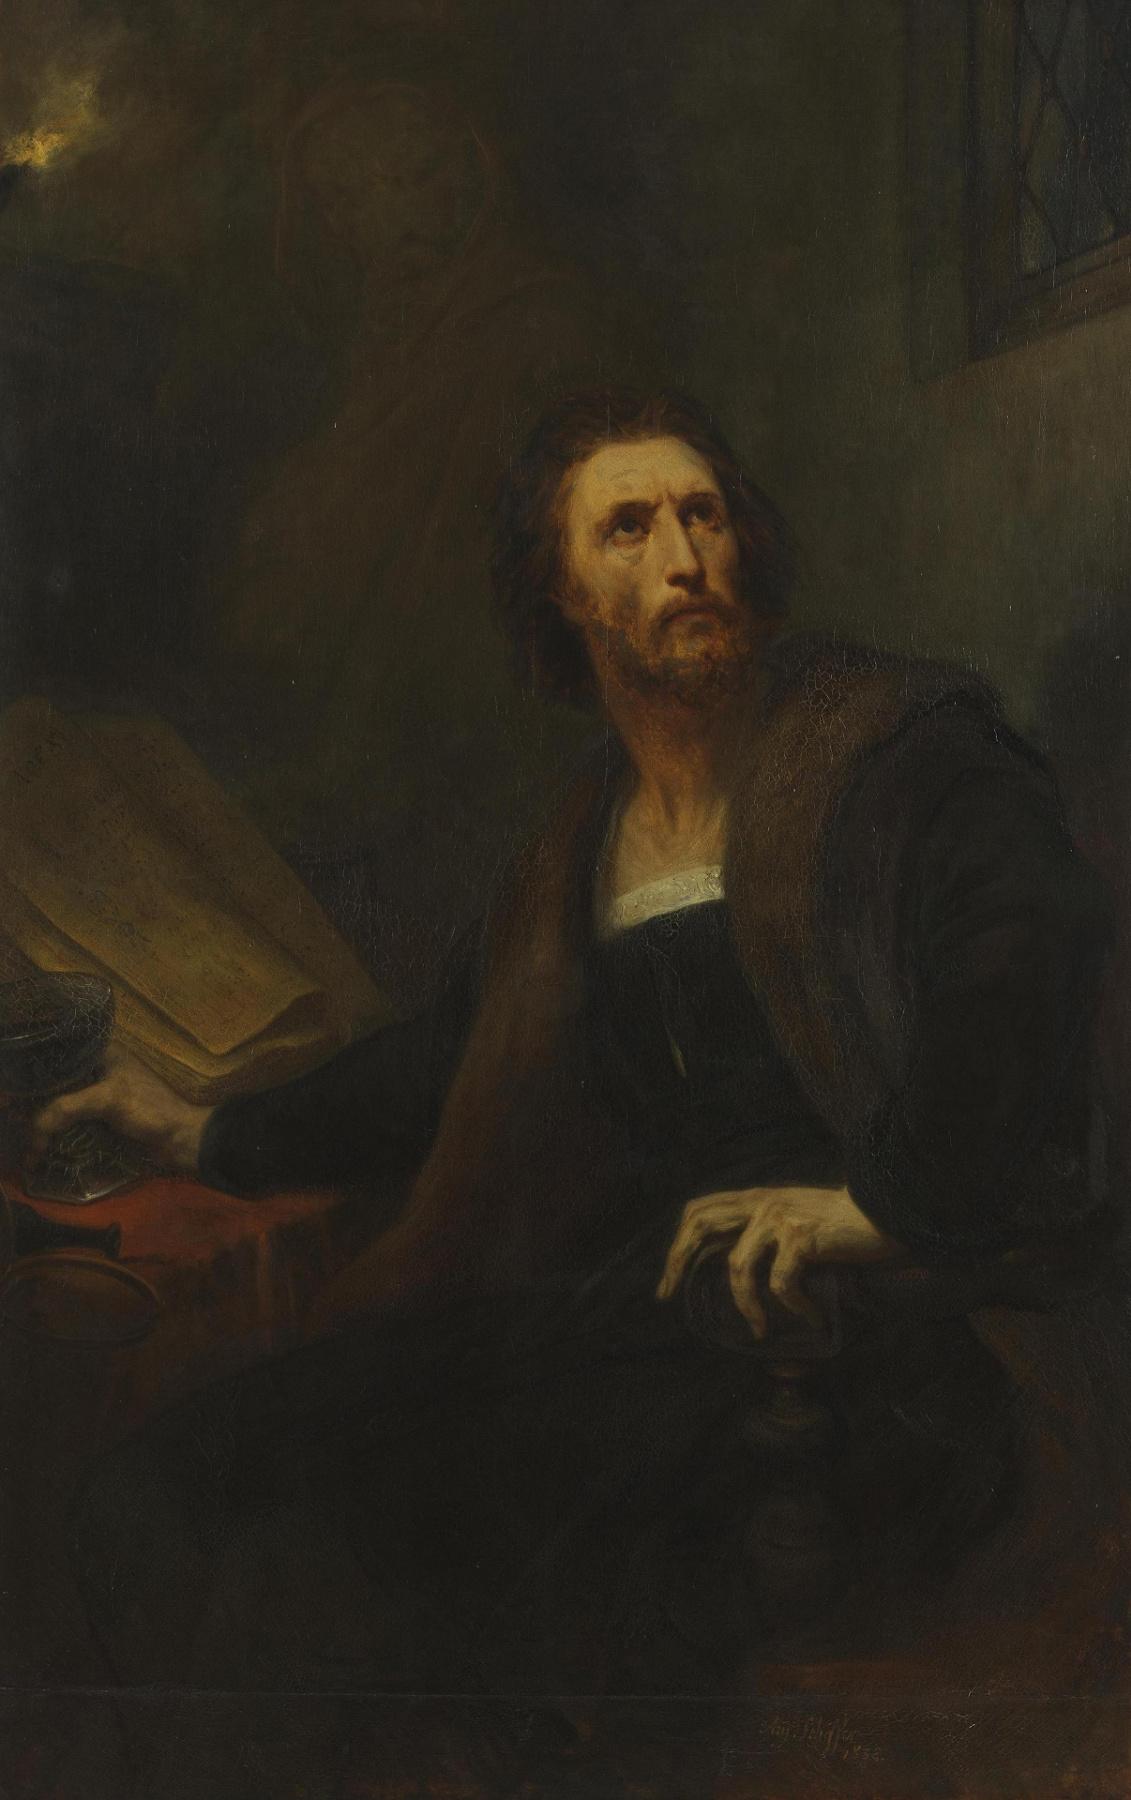 Ari Schaeffer. Faust